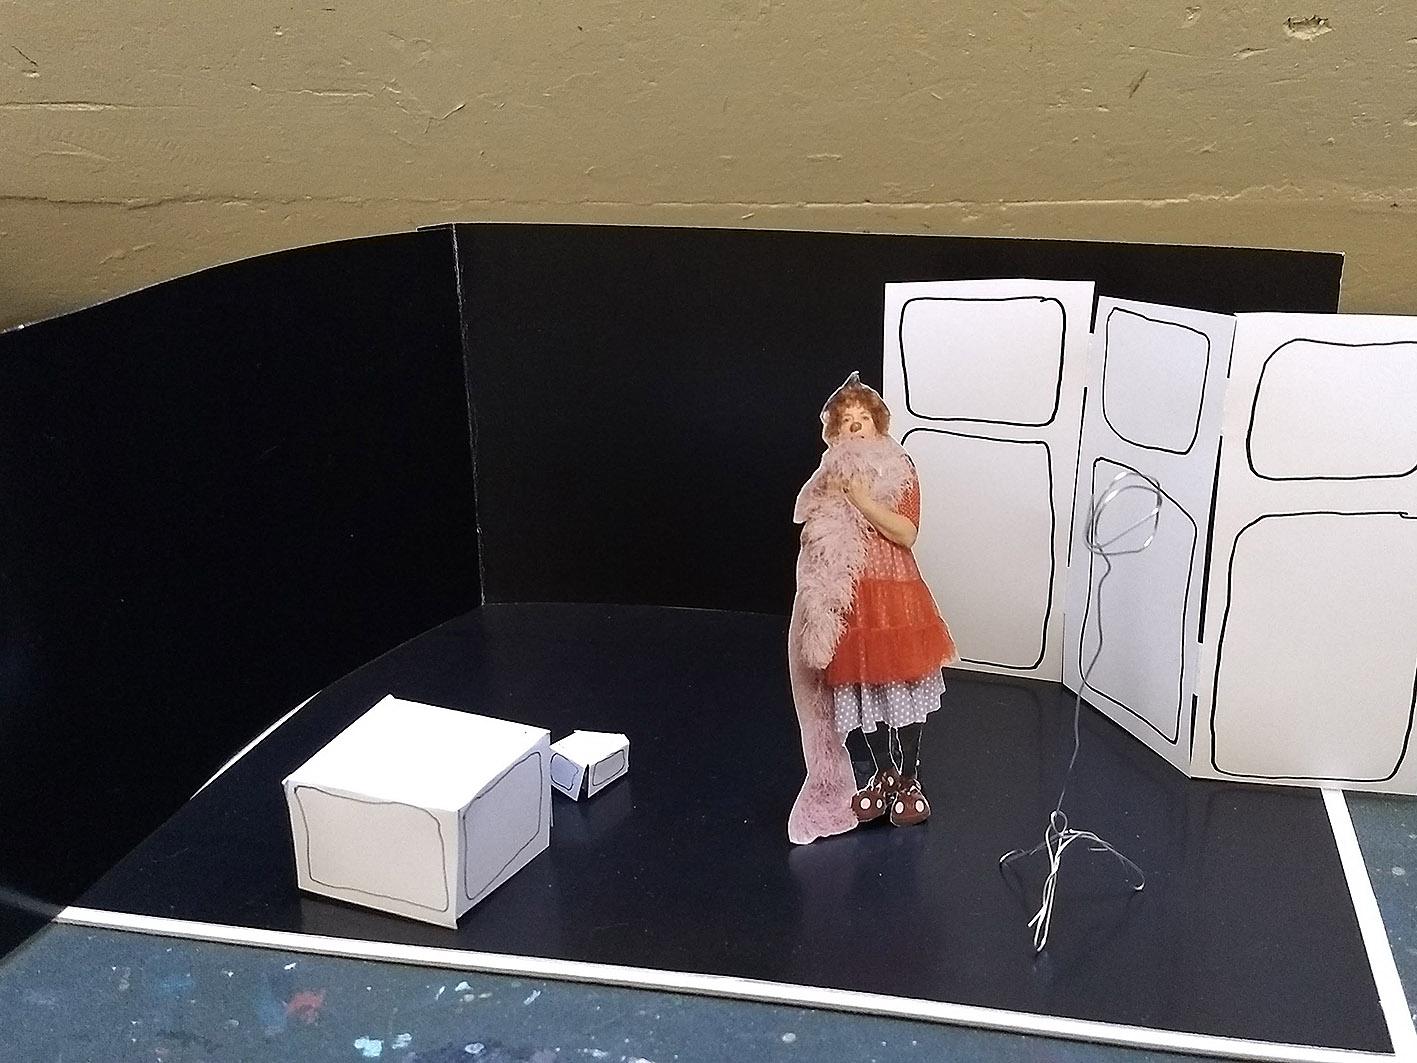 Zuerst das Bühnenmodell